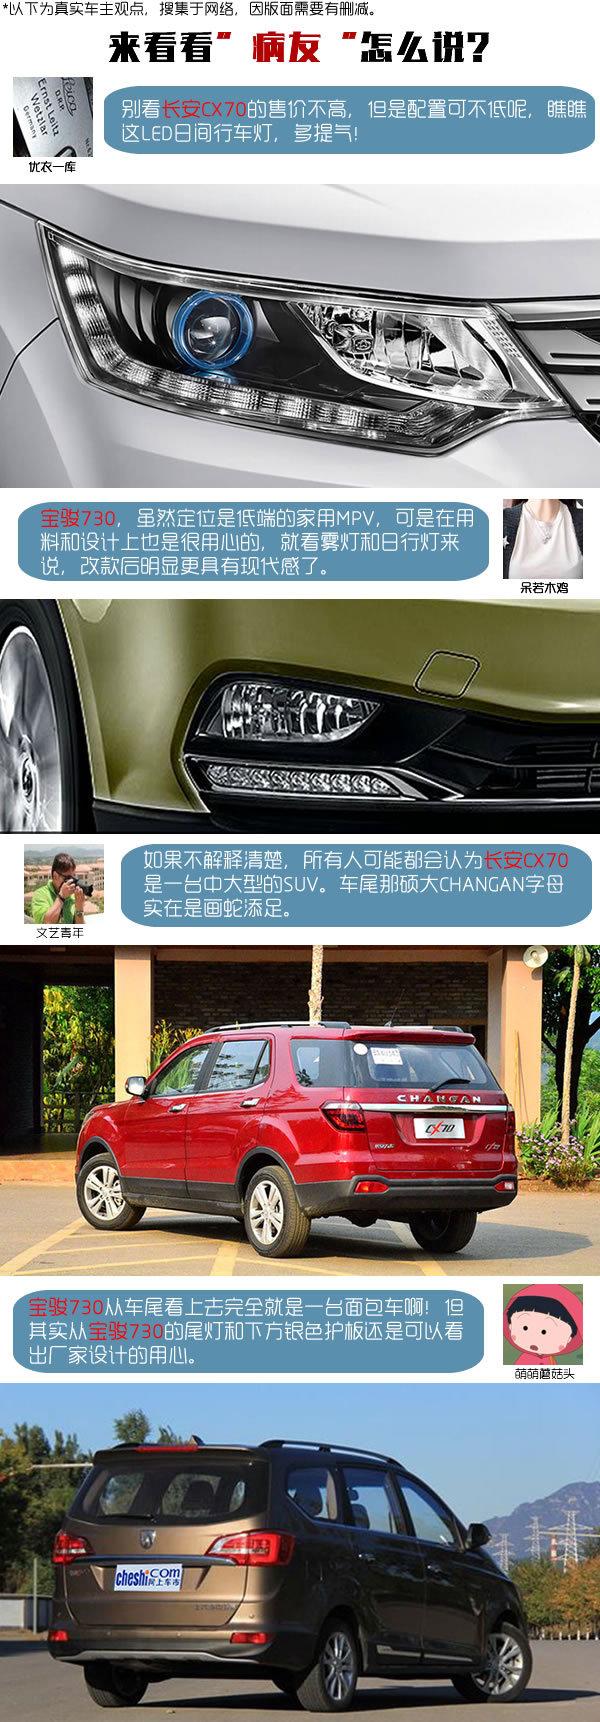 专治买车纠结症 长安商用CX70对宝骏730-图2